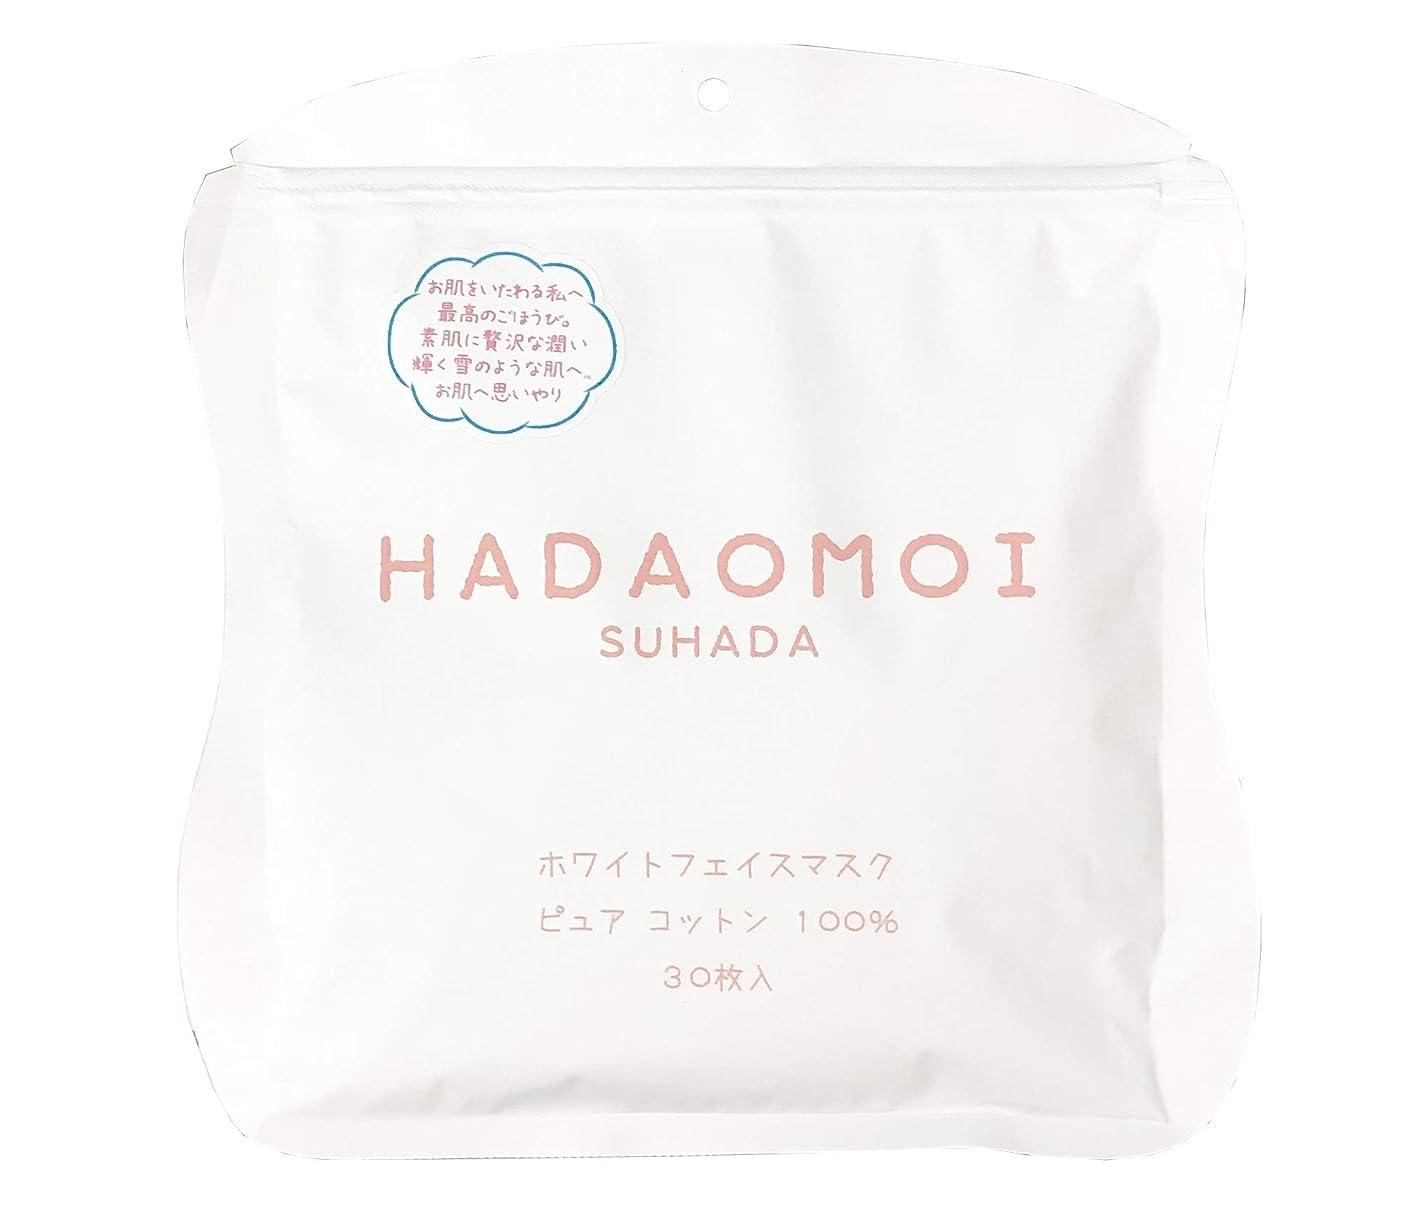 嘆く元のすずめHADAOMOI(ハダオモイ) ホワイトフェイスマスク 30枚入